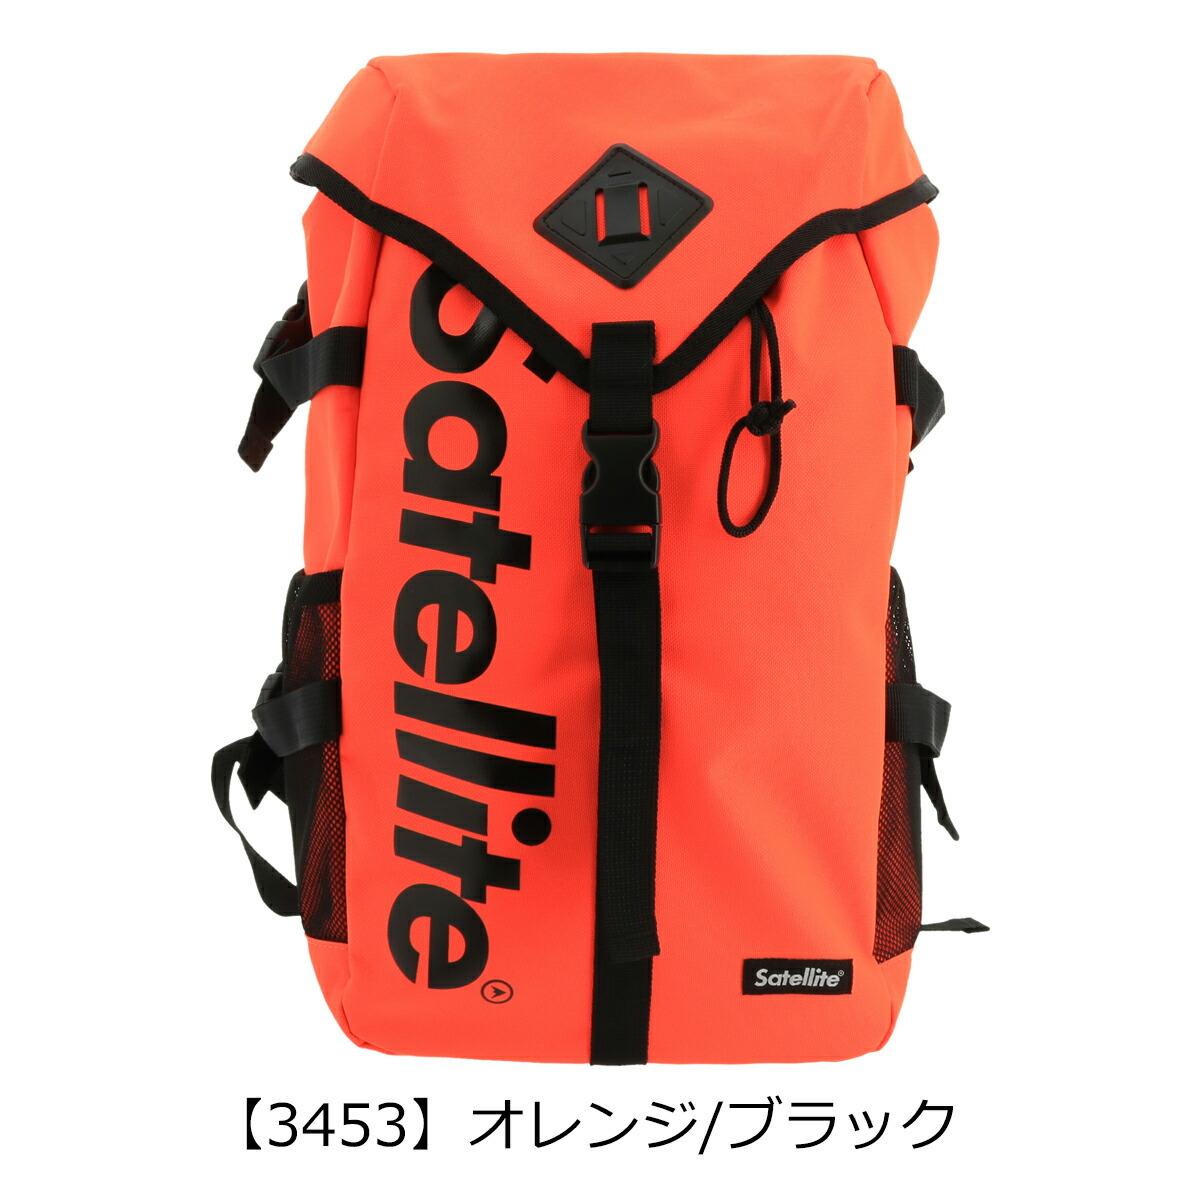 【3453】オレンジ/ブラック